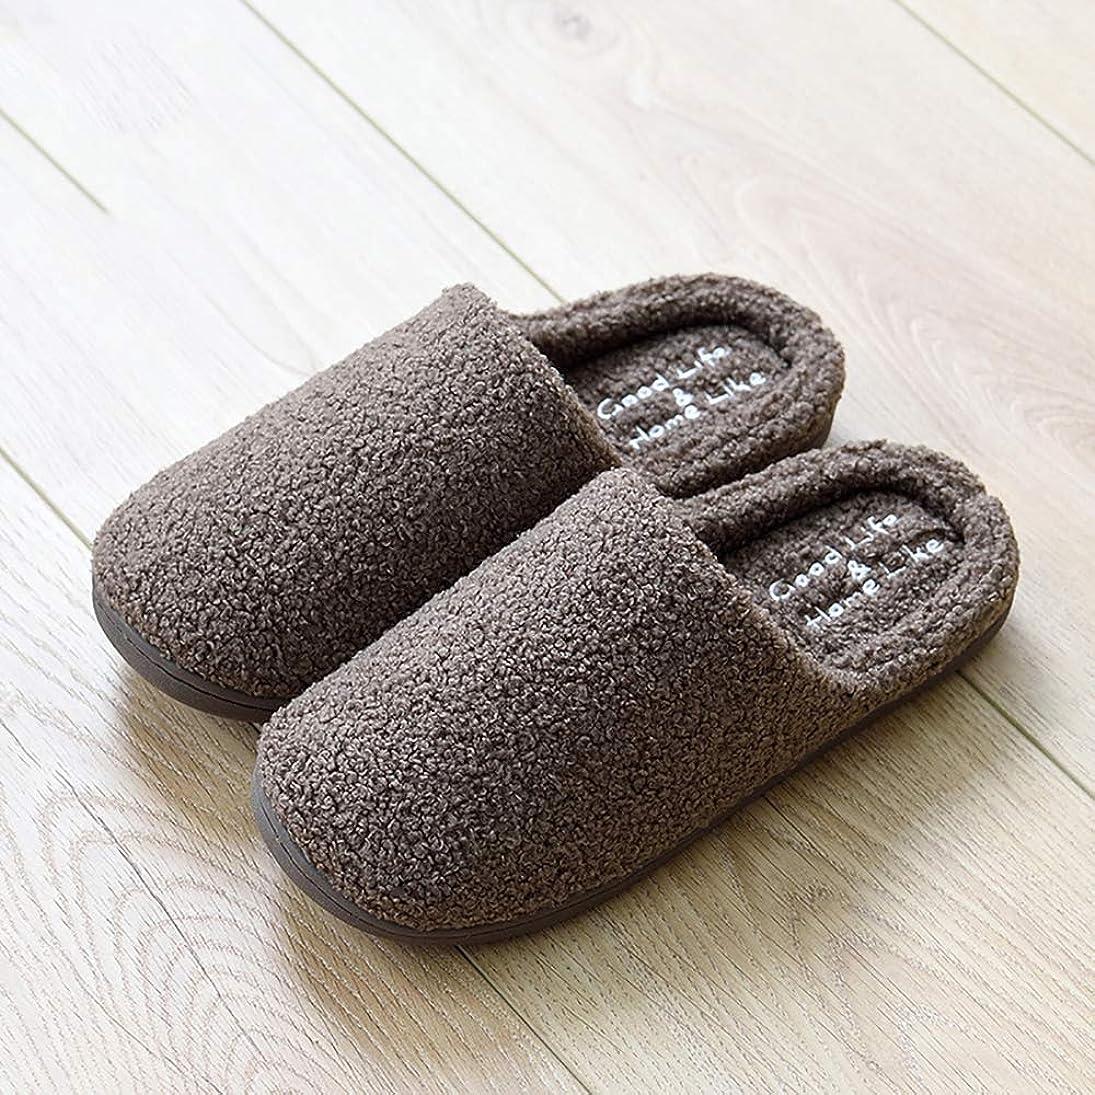 呼び出す放出プライムchenda スリッパ ルームシューズ 男性と女性ができる 室内履き 暖かい 滑らない 歩きやすい 抗菌衛生 洗濯可スリッパ 室内履き専用 メンズ レディース 厚底 暖かい